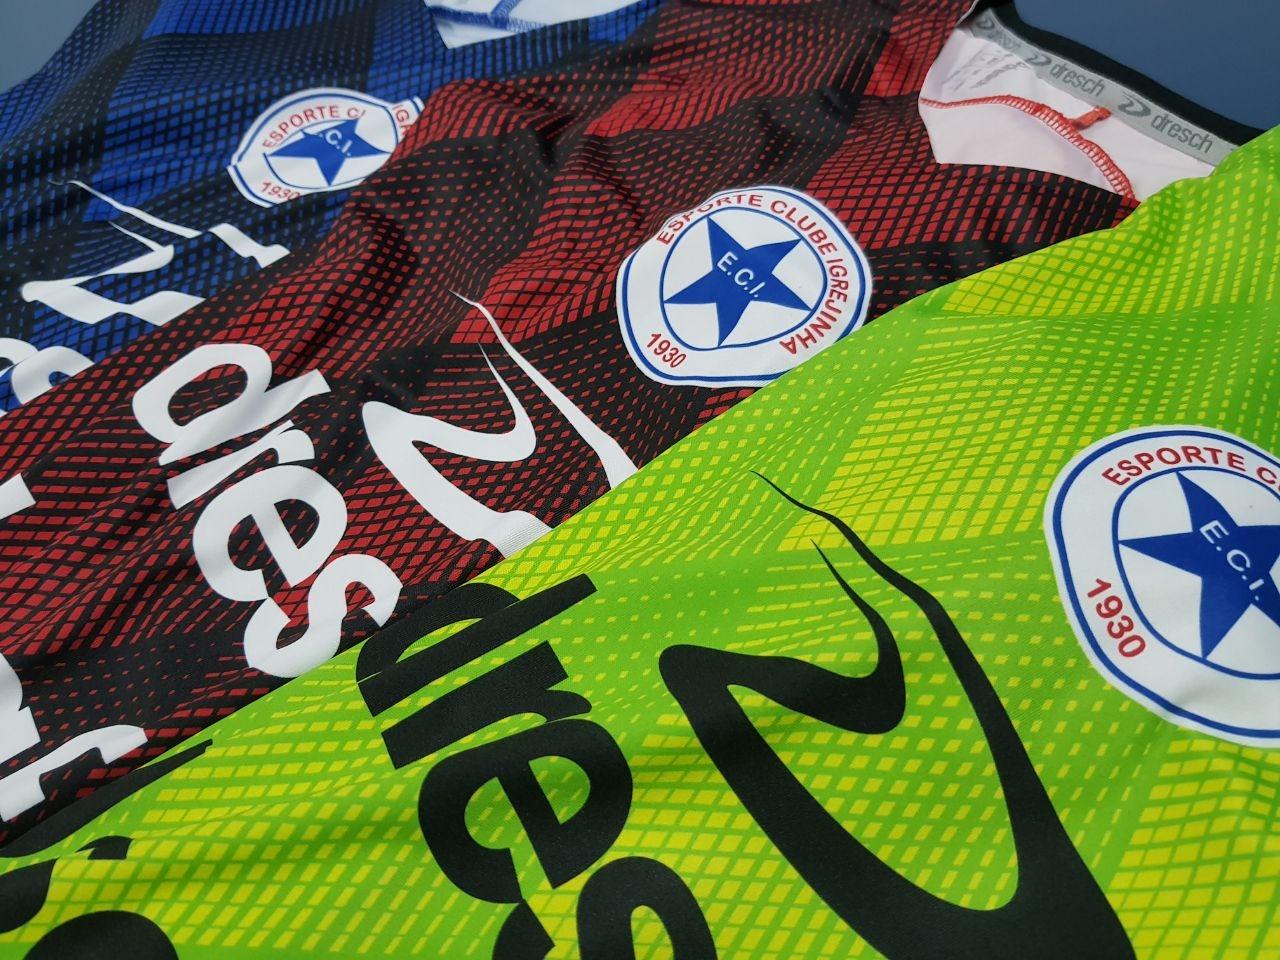 eabd92e1cf Martin Behrend - Esporte Clube Igrejinha terá mesmo fornecedor de uniforme  esportivo do campeão gaúcho